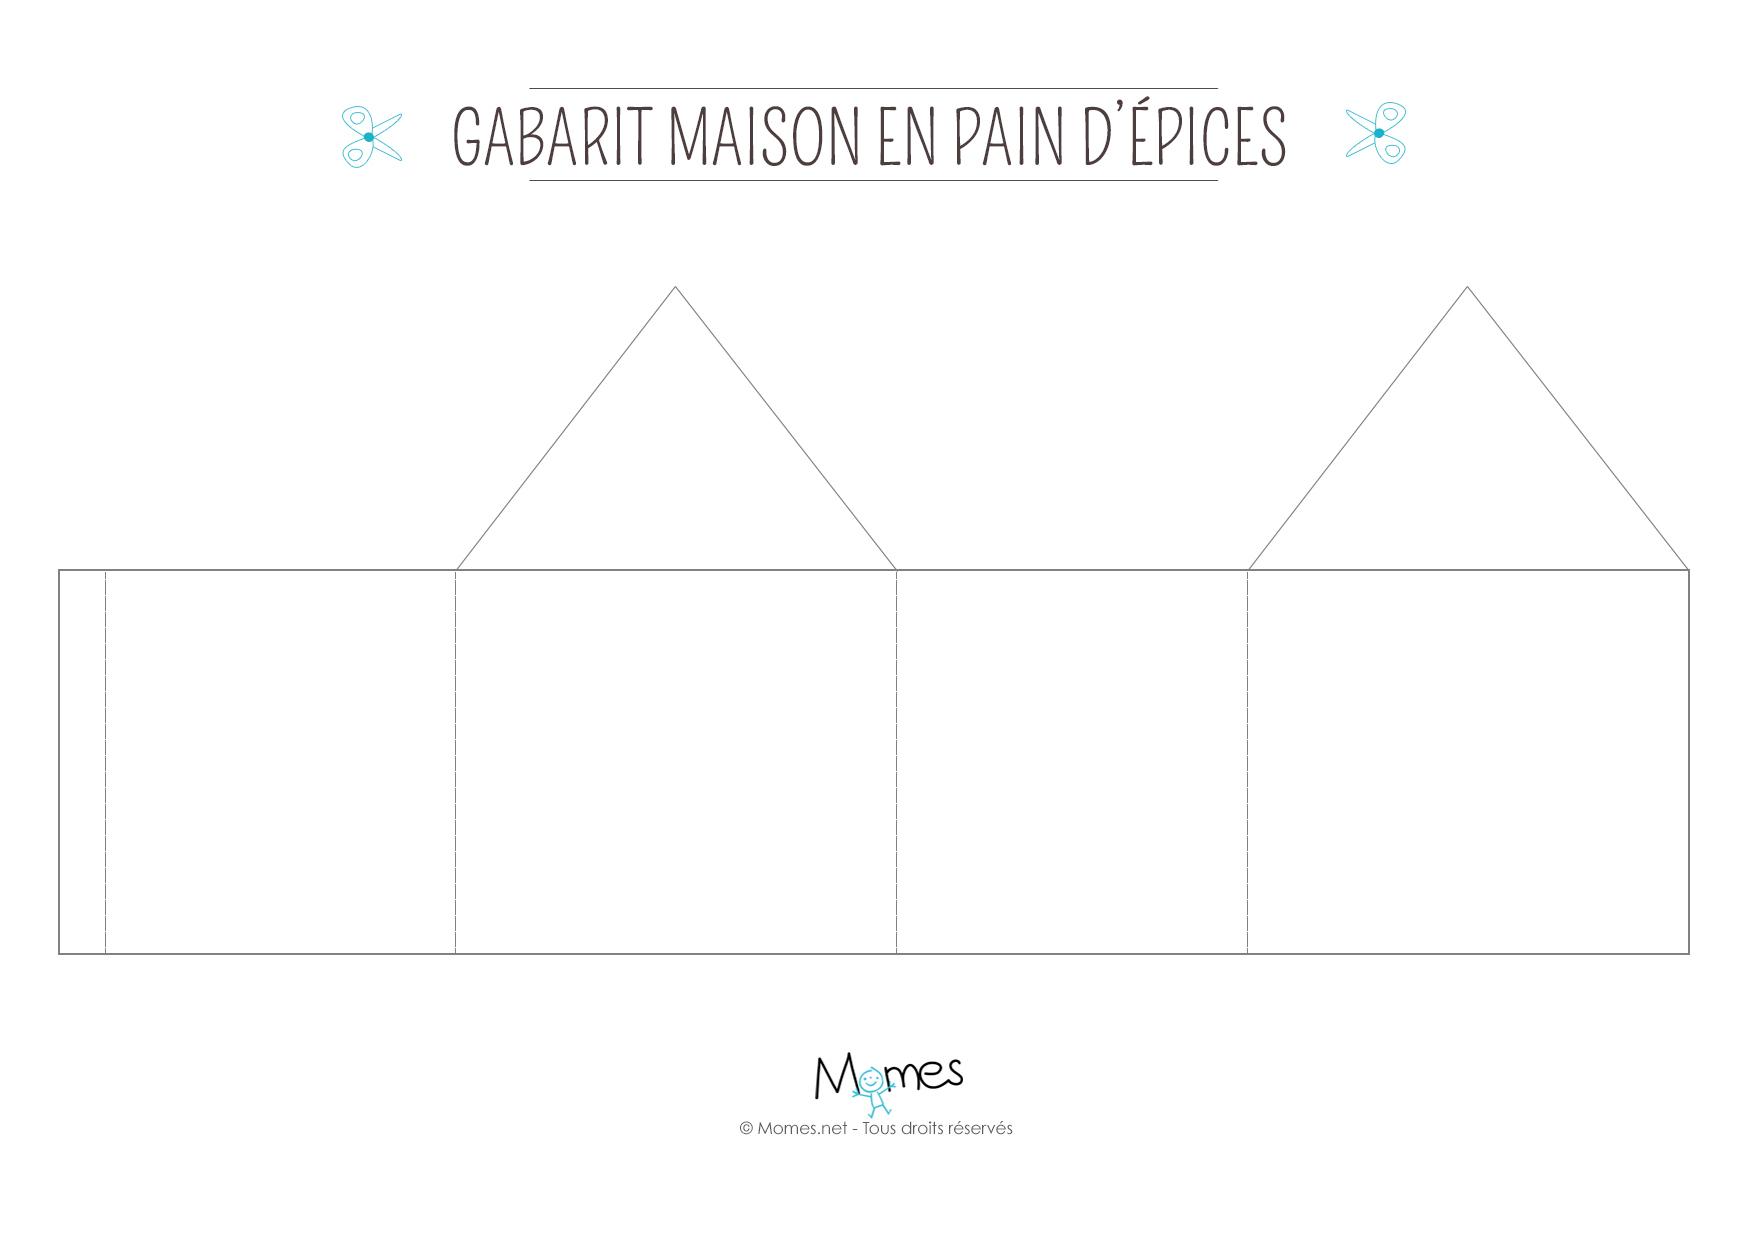 Fabriquer Une Maison De Pain D'épices En Carton - Momes destiné Patron De Maison En Papier A Imprimer